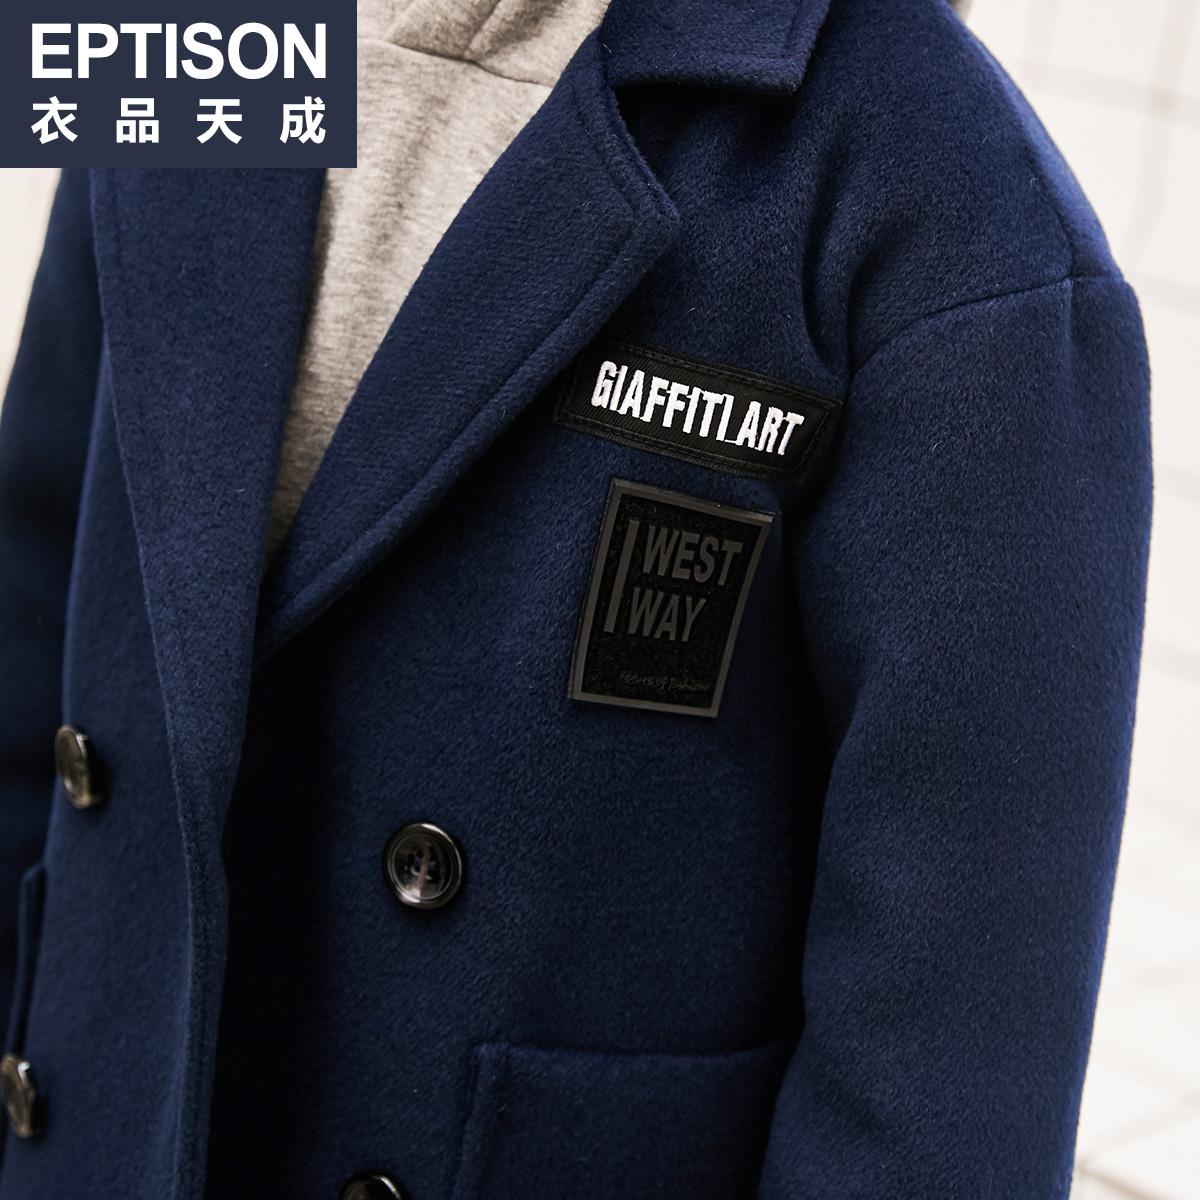 衣品天成童装秋冬新款男童韩版西装领呢大衣中大儿童加棉加厚外套